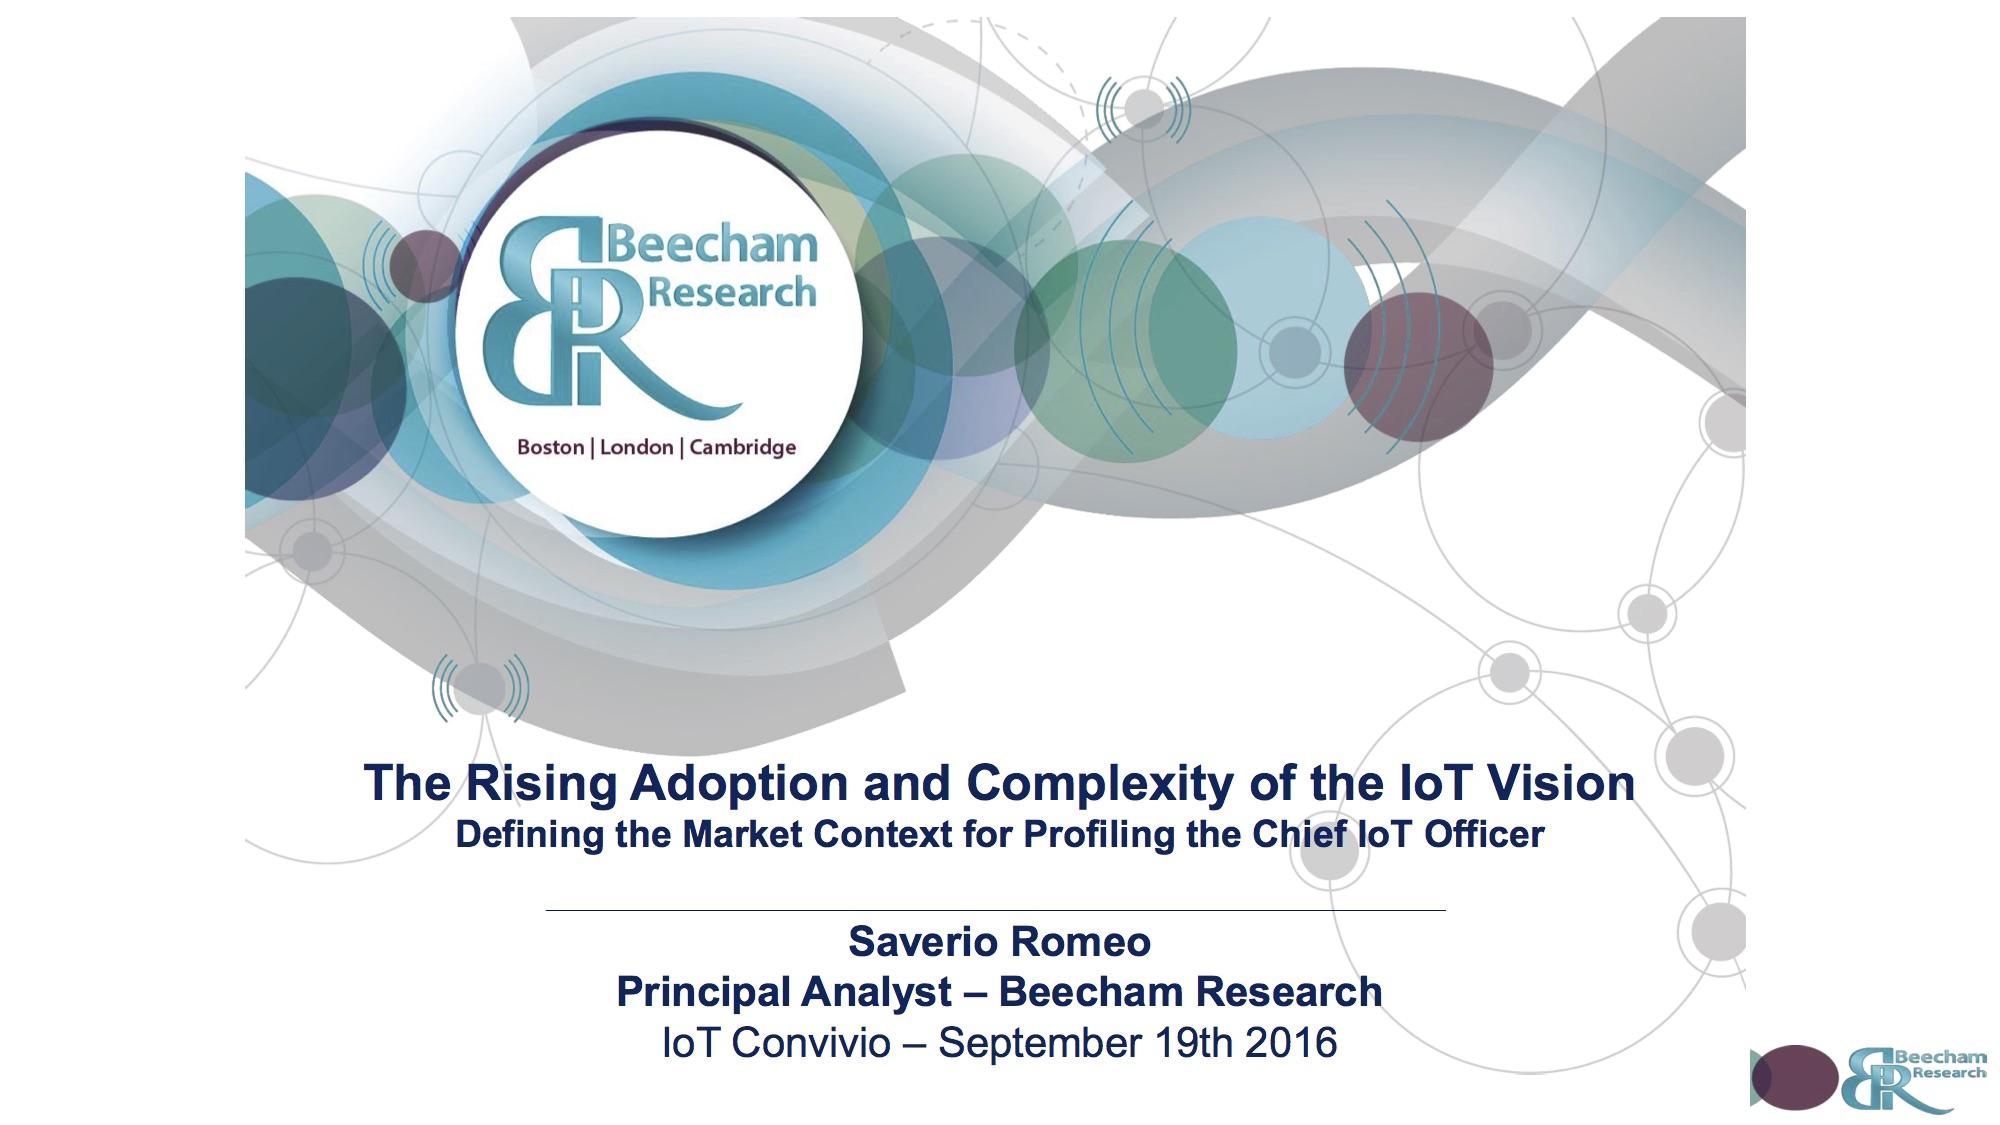 beecham-research_iotconvivio